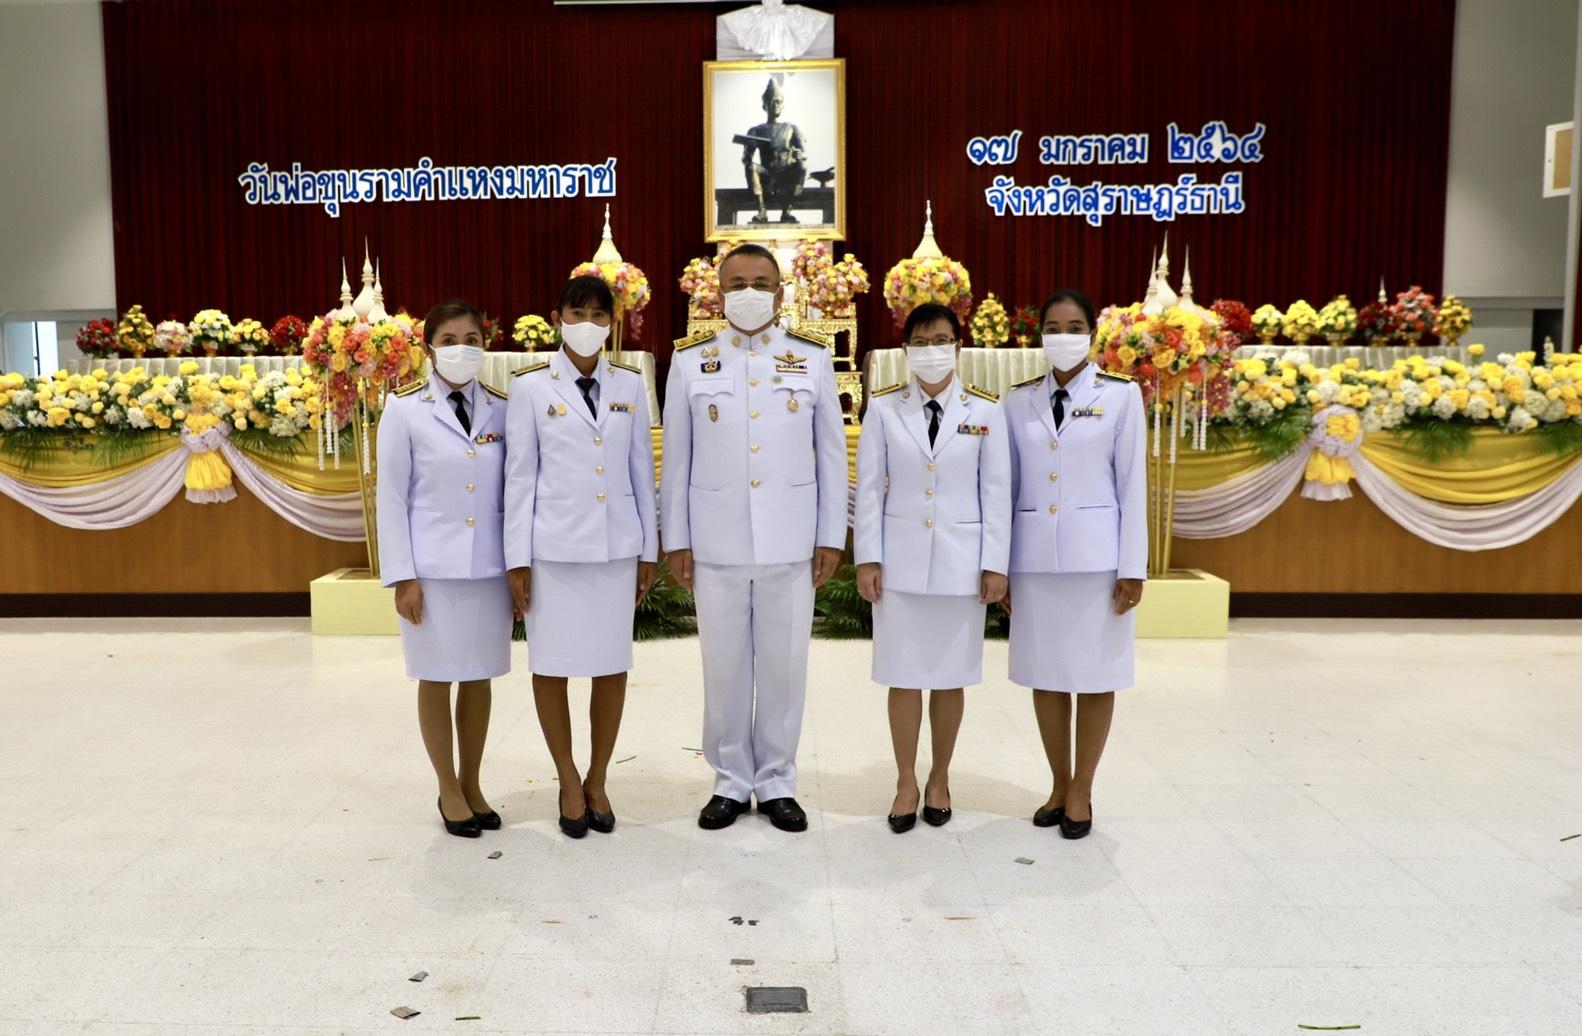 """กปภ.สาขาสุราษฎร์ธานี(ชั้นพิเศษ) ร่วมงานรัฐพิธี """"วันพ่อขุนรามคำแหงมหาราช"""" ประจำปี 256"""